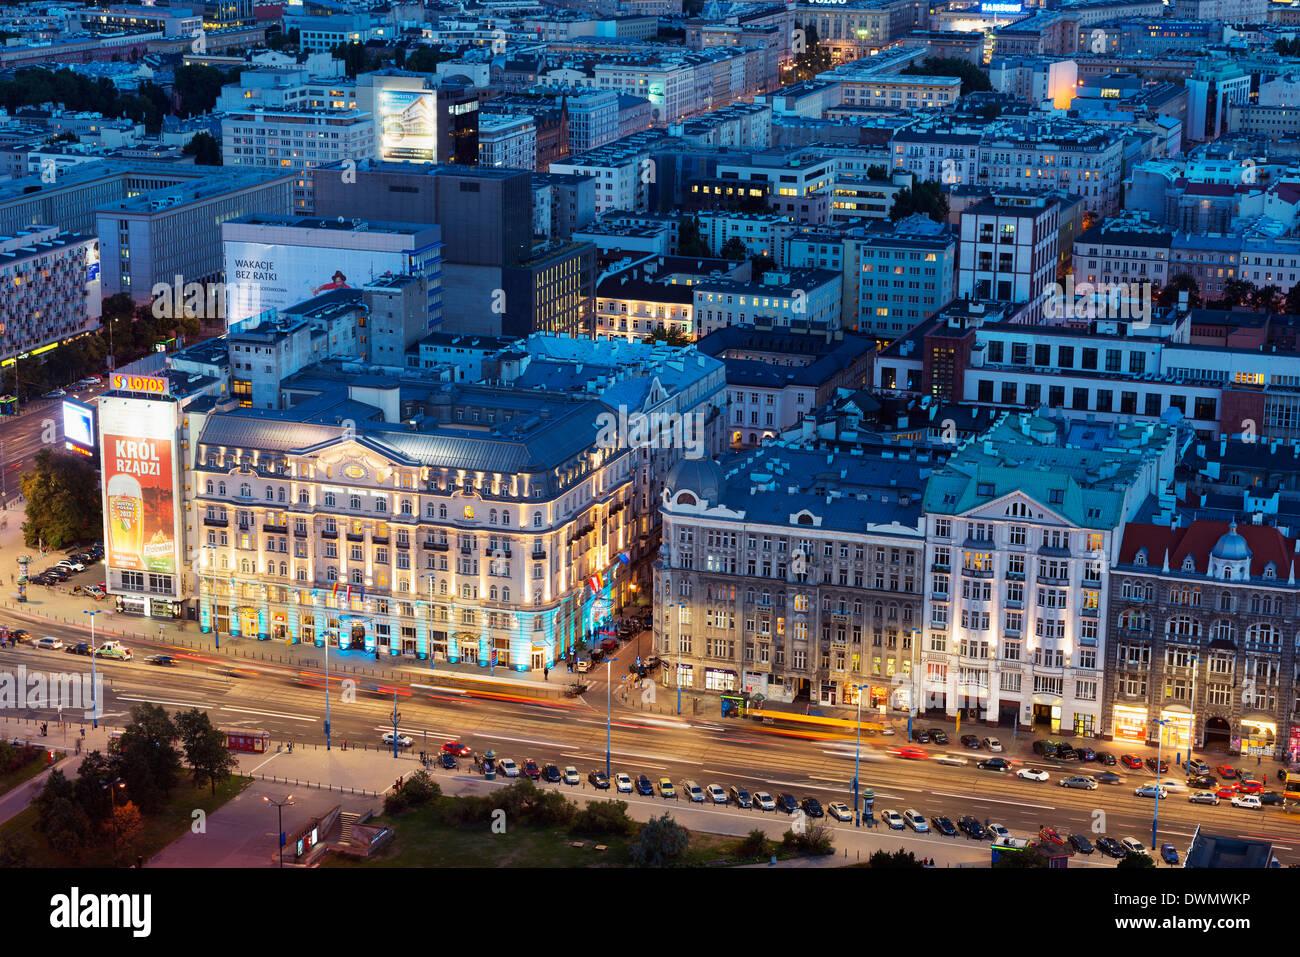 Blick auf die Stadt vom Palast der Kultur und Wissenschaft, Warschau, Polen, Europa Stockbild